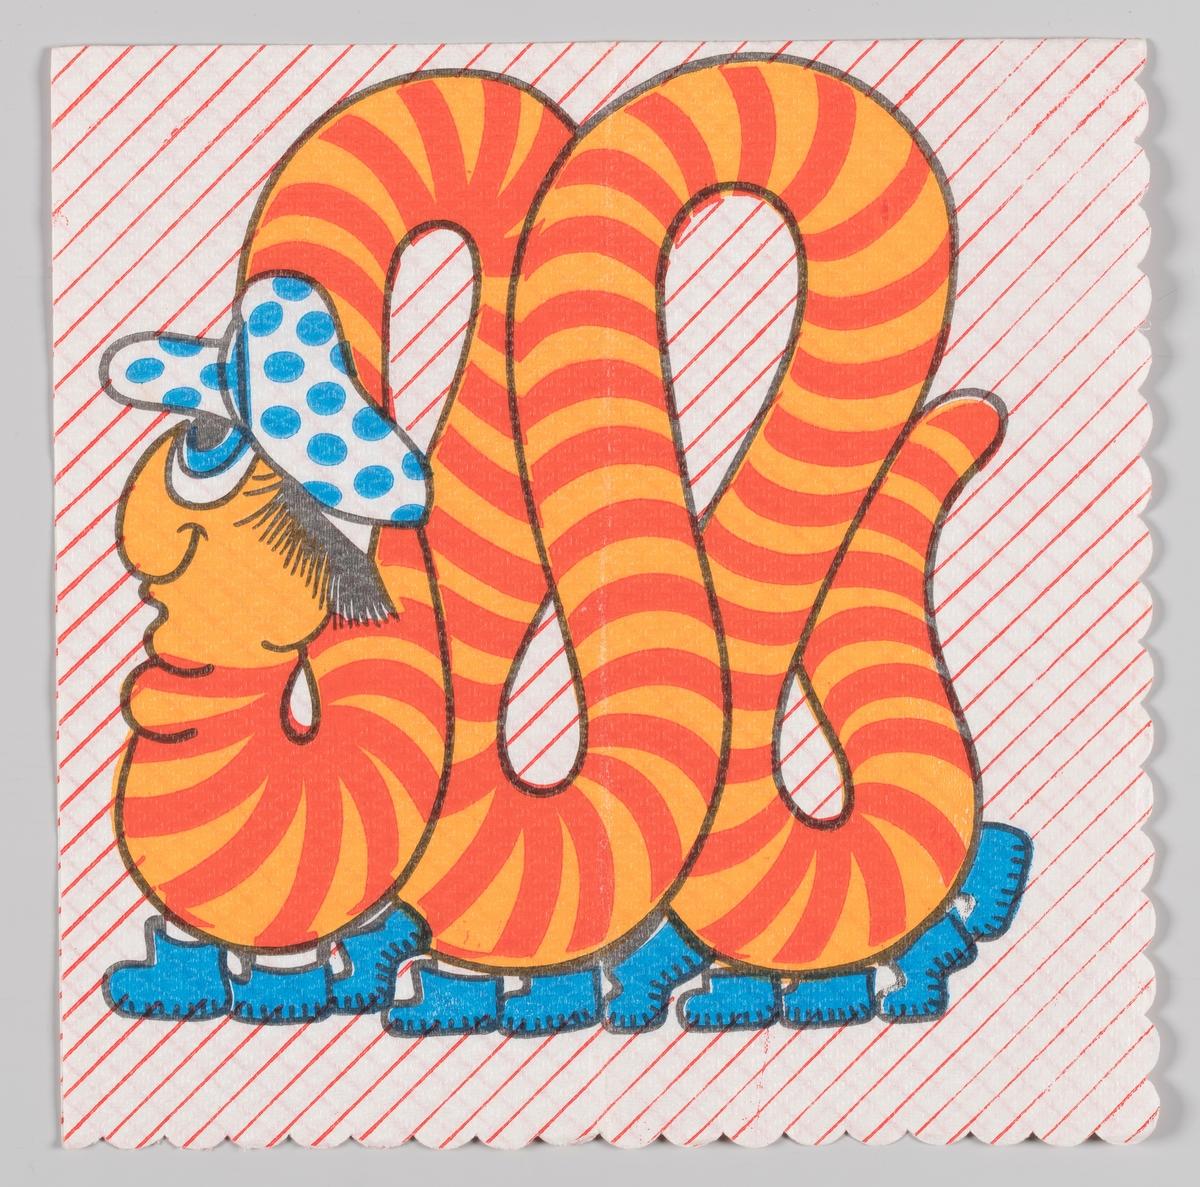 Et stripet tusenbein med sko på føttene og lue med blå prikker bukter seg fremover.